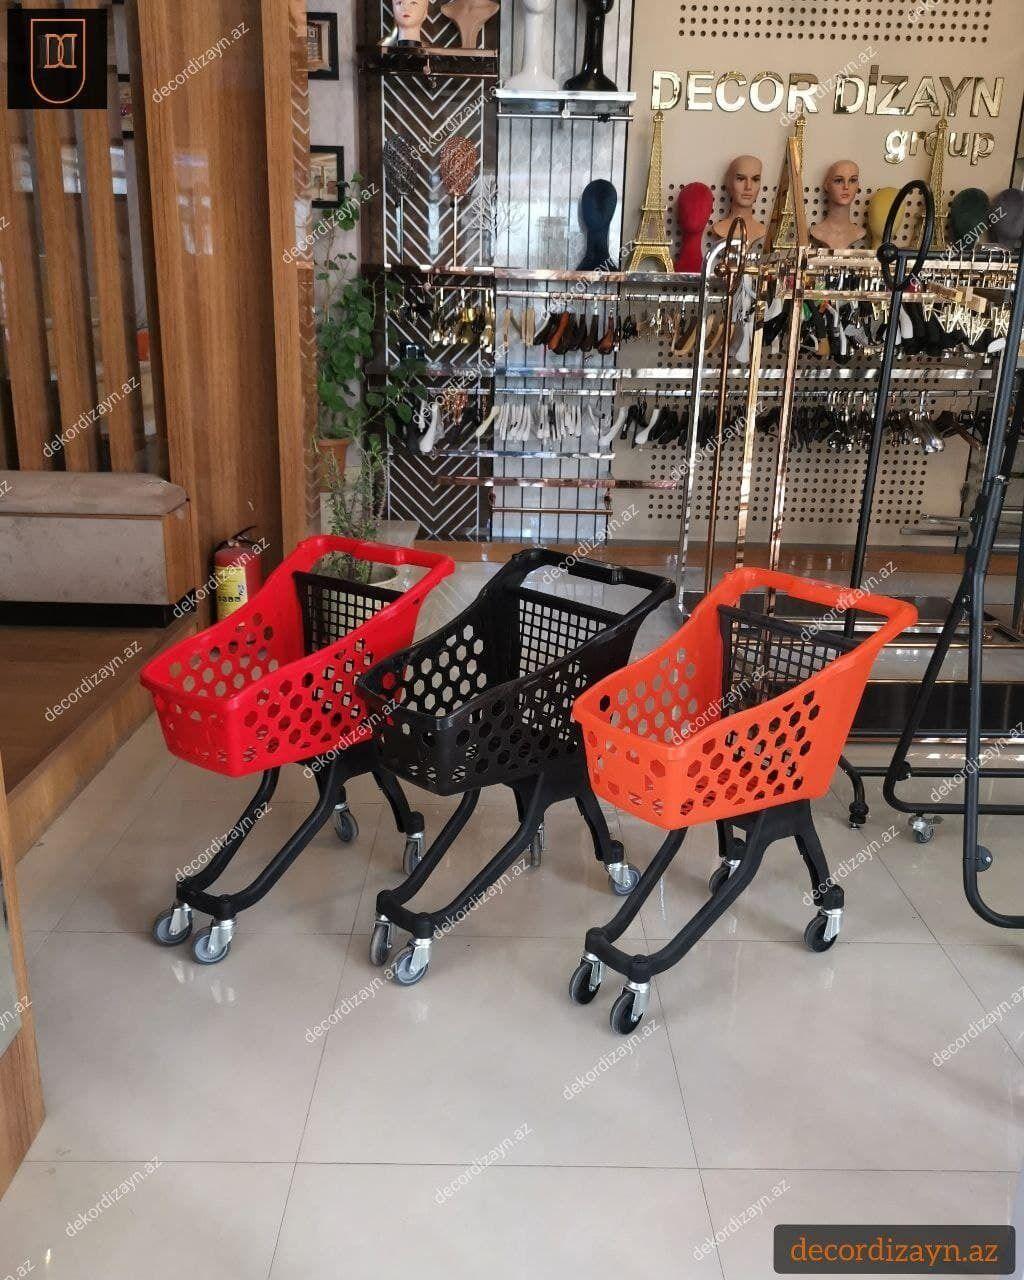 Market arabası, Market uşaq arabası  Məhsul : market uşaq arabası Ölçü: Market arabası, Market uşaq arabası  Məhsul : market uşaq arabası Ölçü